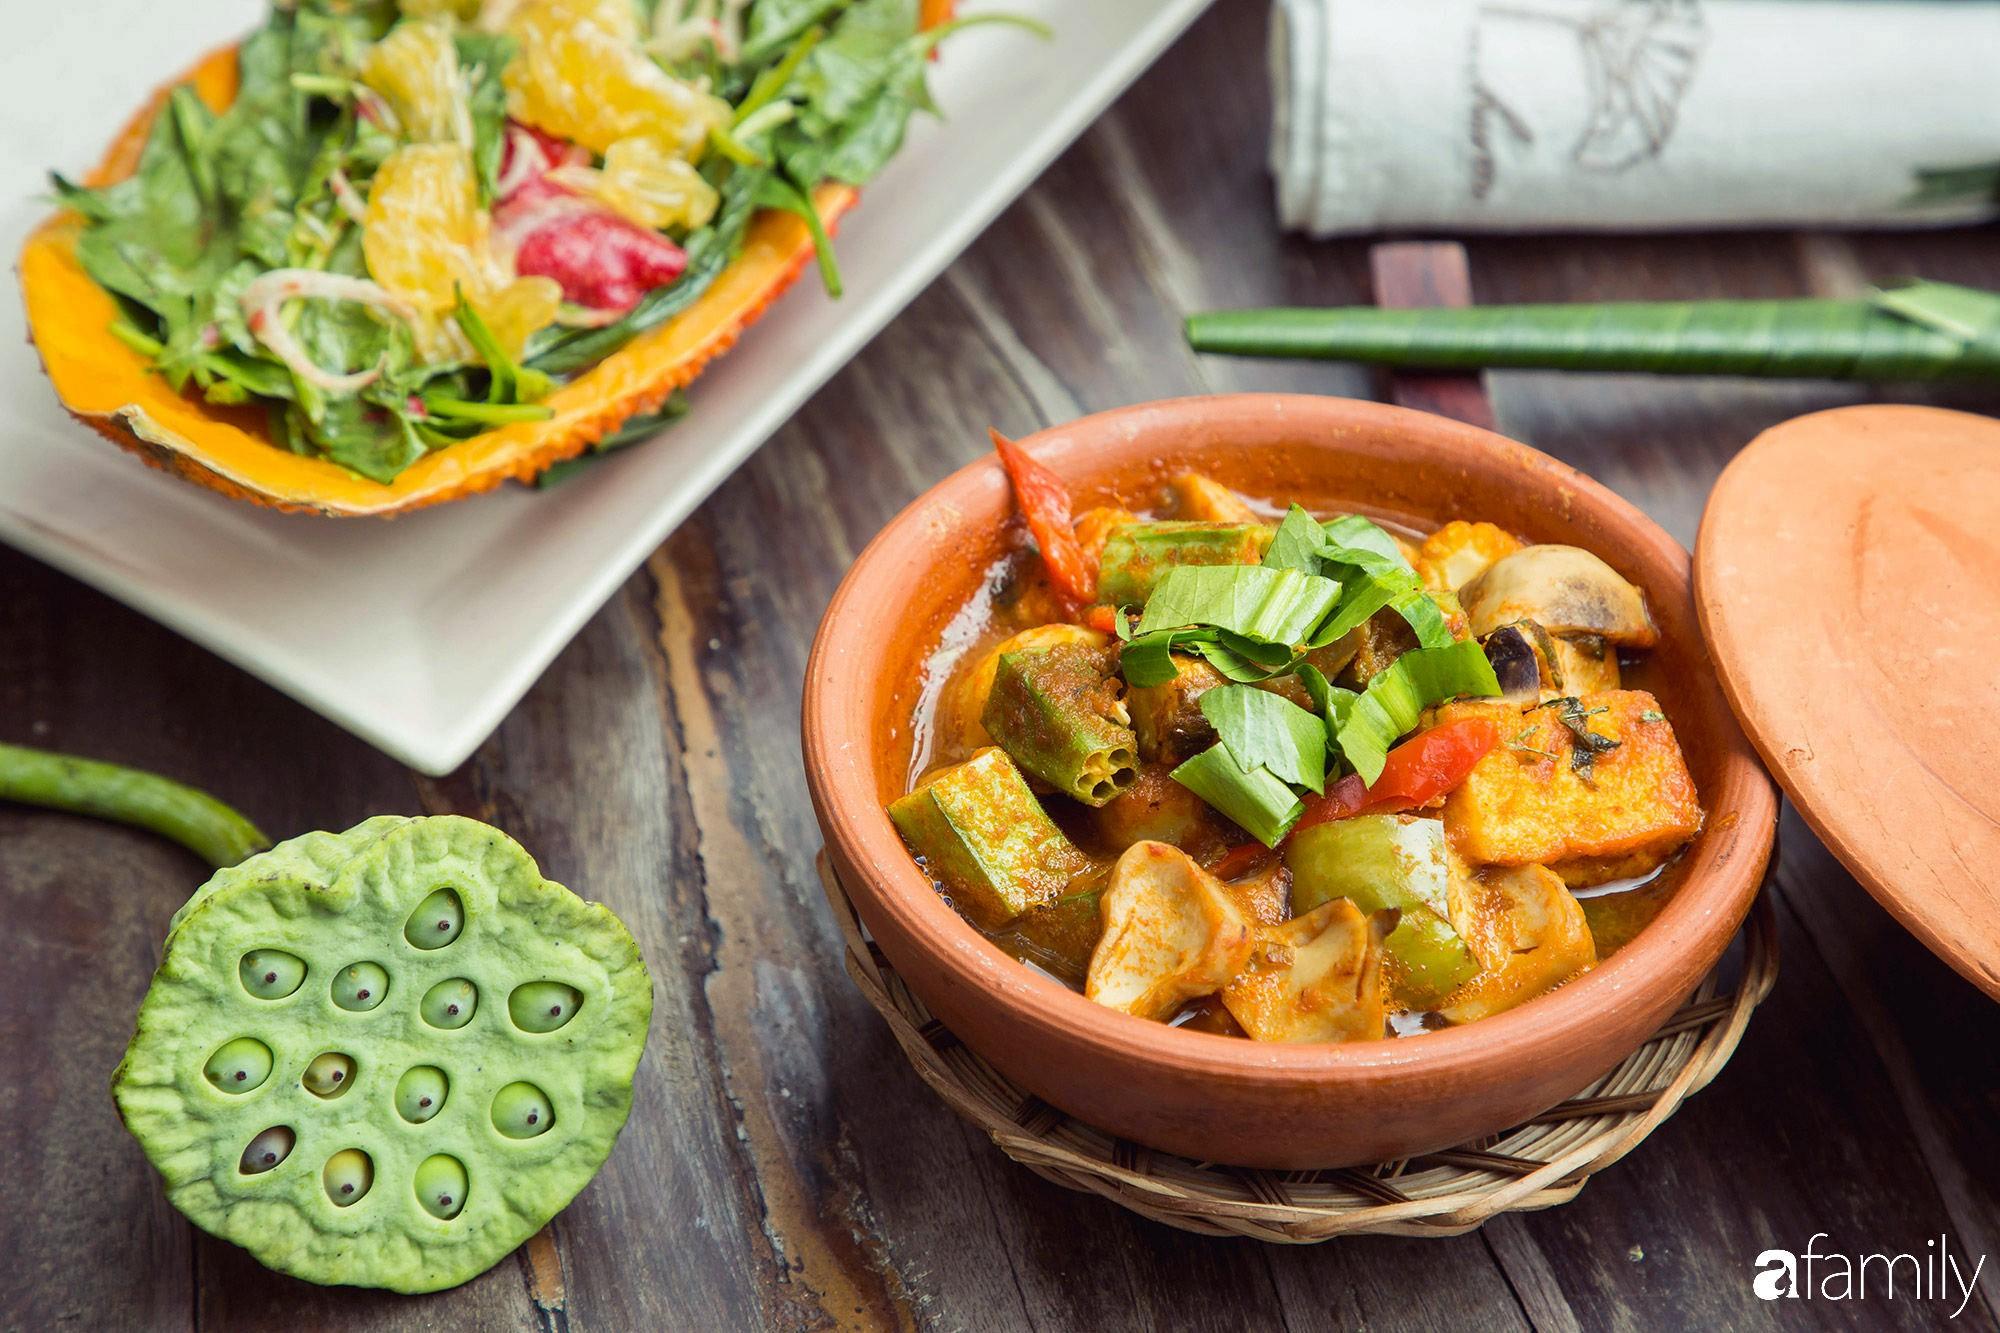 6 nhà hàng chay xinh đẹp và an nhiên nhất định phải đến trong mùa Vu Lan tại Hà Nội và Sài Gòn - Ảnh 17.